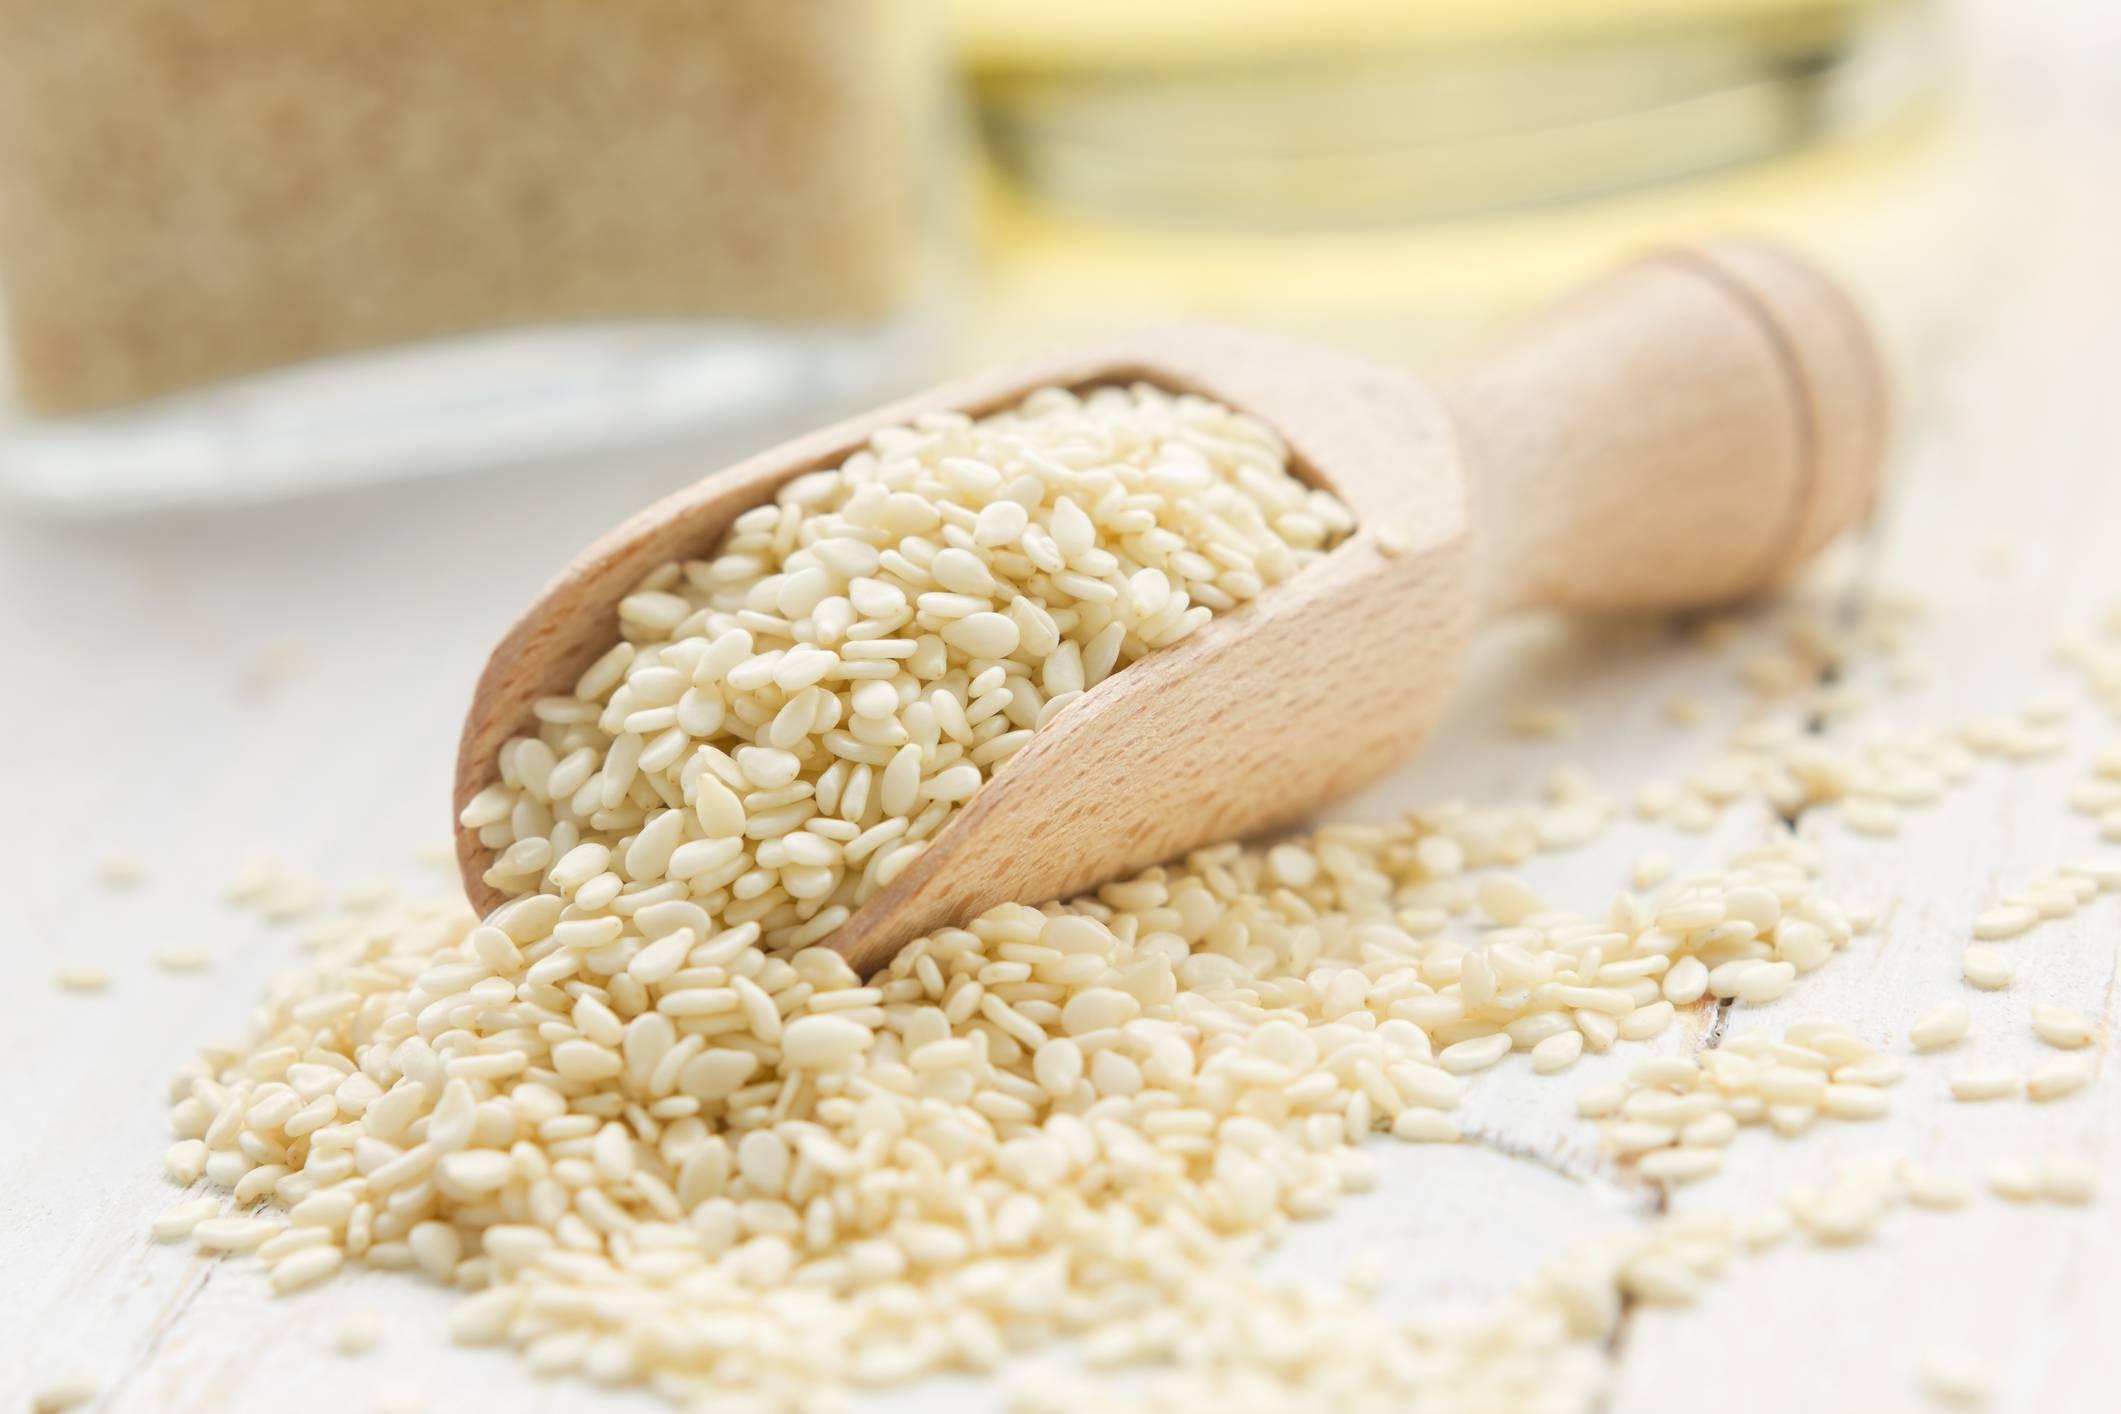 Le proprietà benefiche dei semi di sesamo